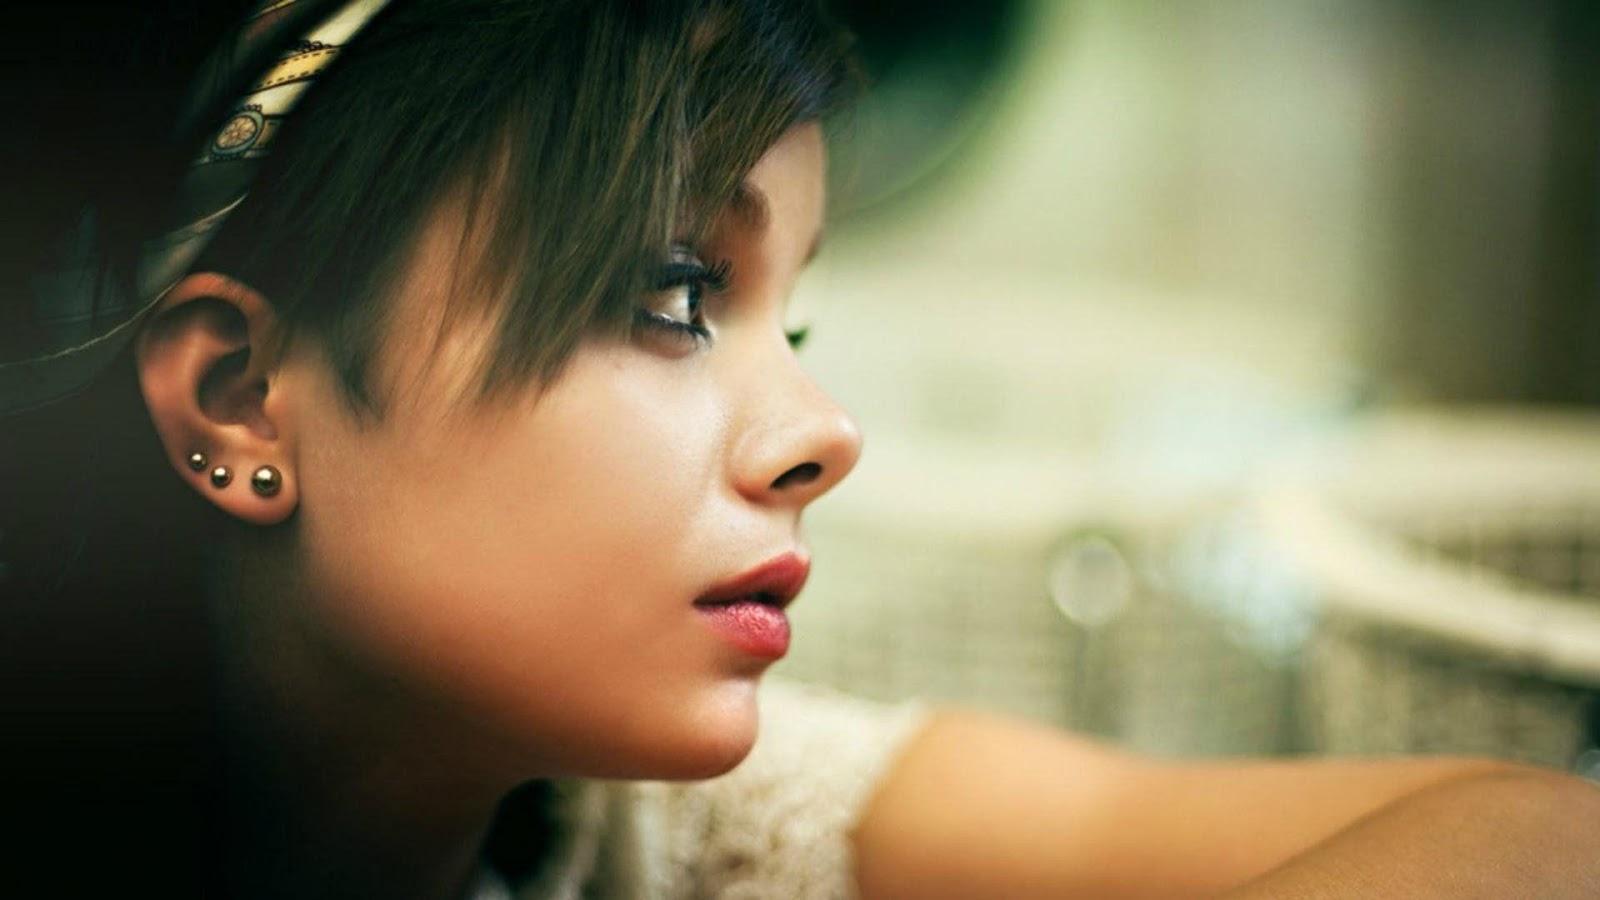 wp1863171 - SAD GIRLS PHOTOS HD(All Indian Hd Sad Girls Photos)